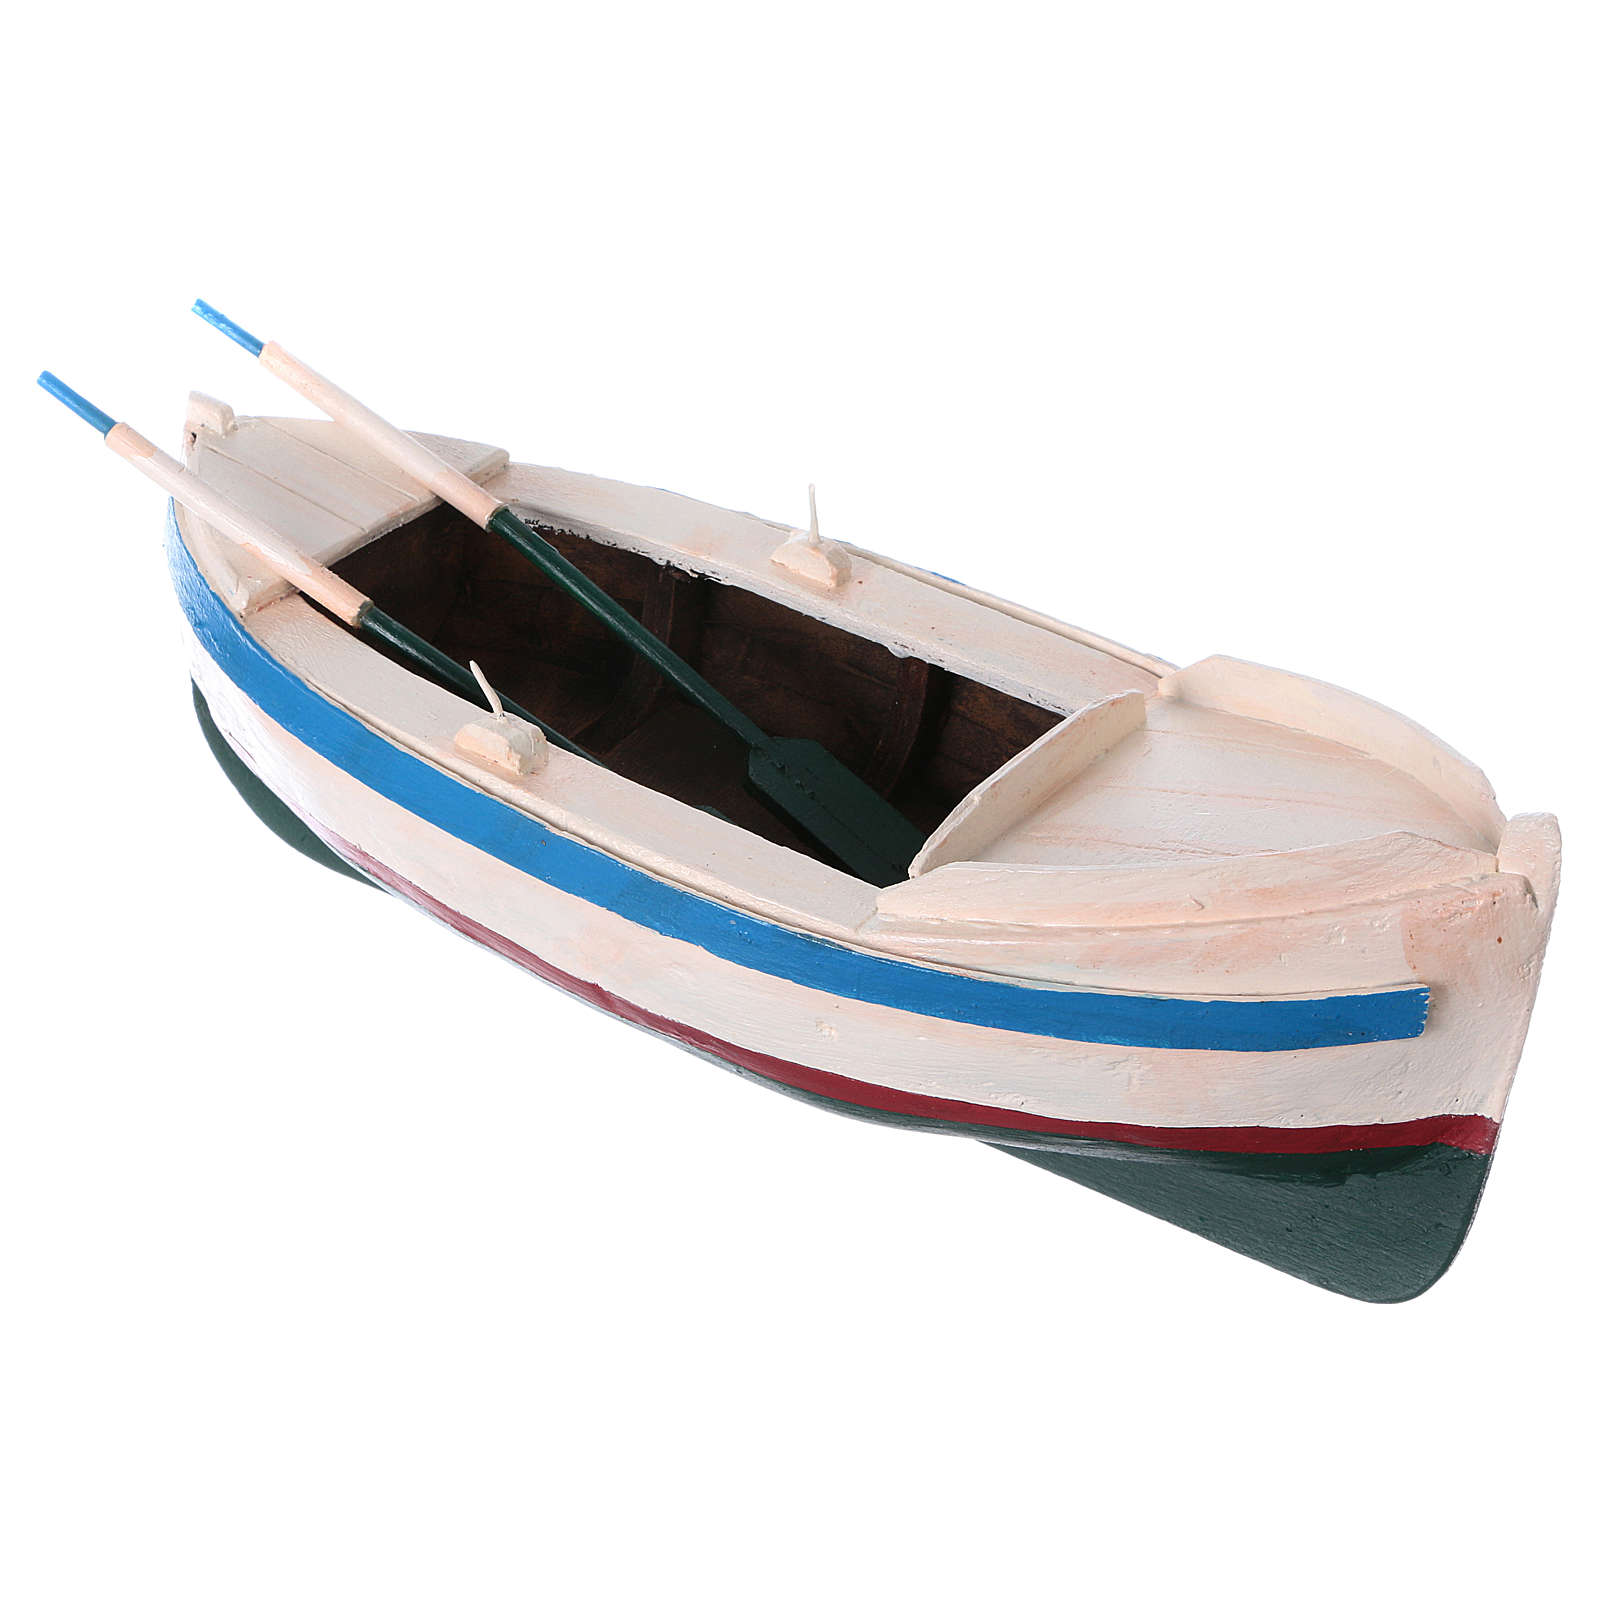 Barca legno colorato presepe pastore 12 cm 4